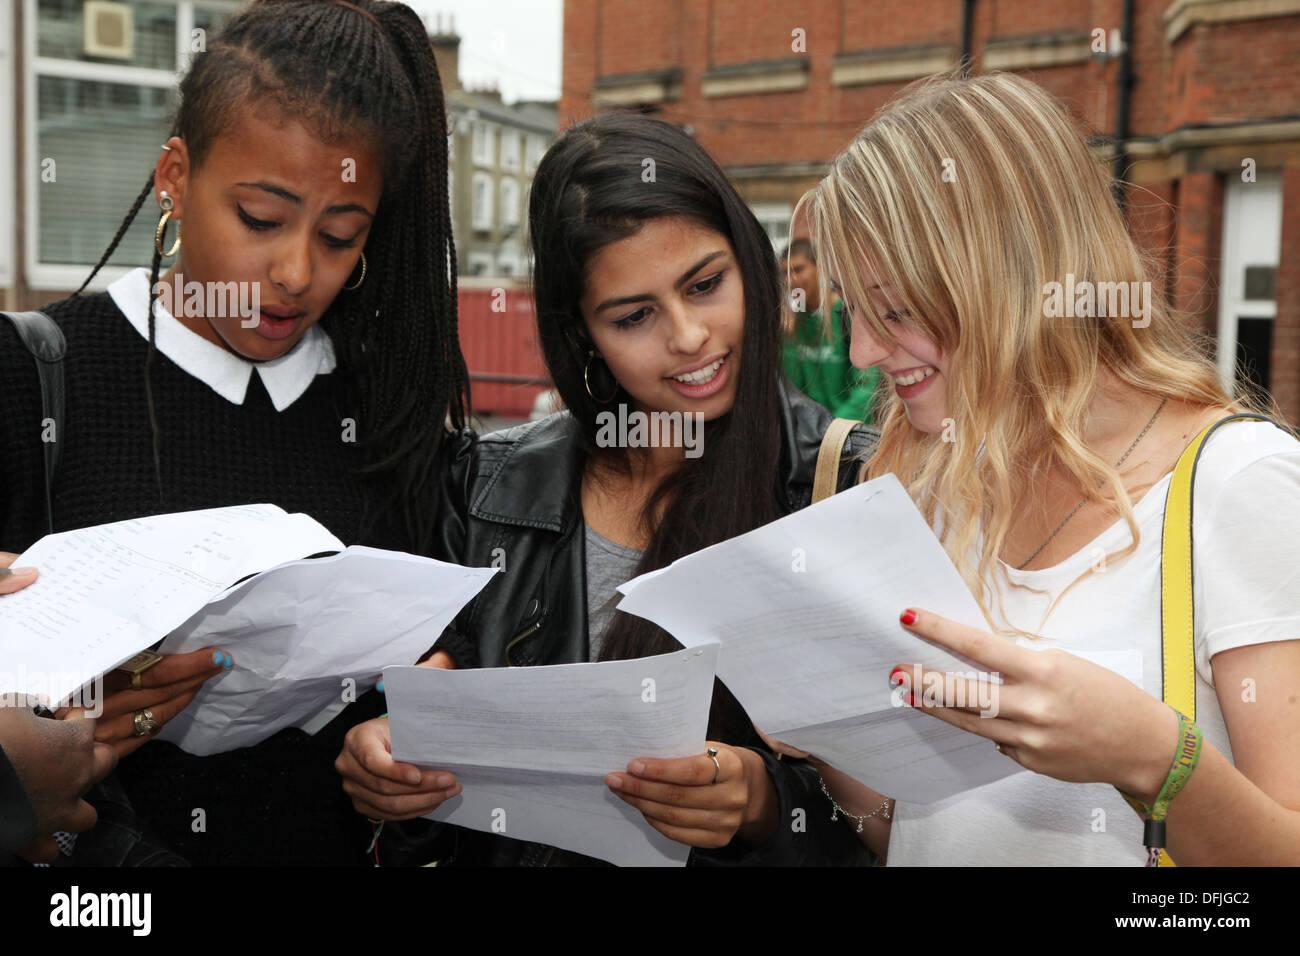 Las niñas con los resultados de sus exámenes, un nivel de cualificación se sitúa entre GCSE y A nivel de toma a menudo a la edad de 17 años. Imagen De Stock